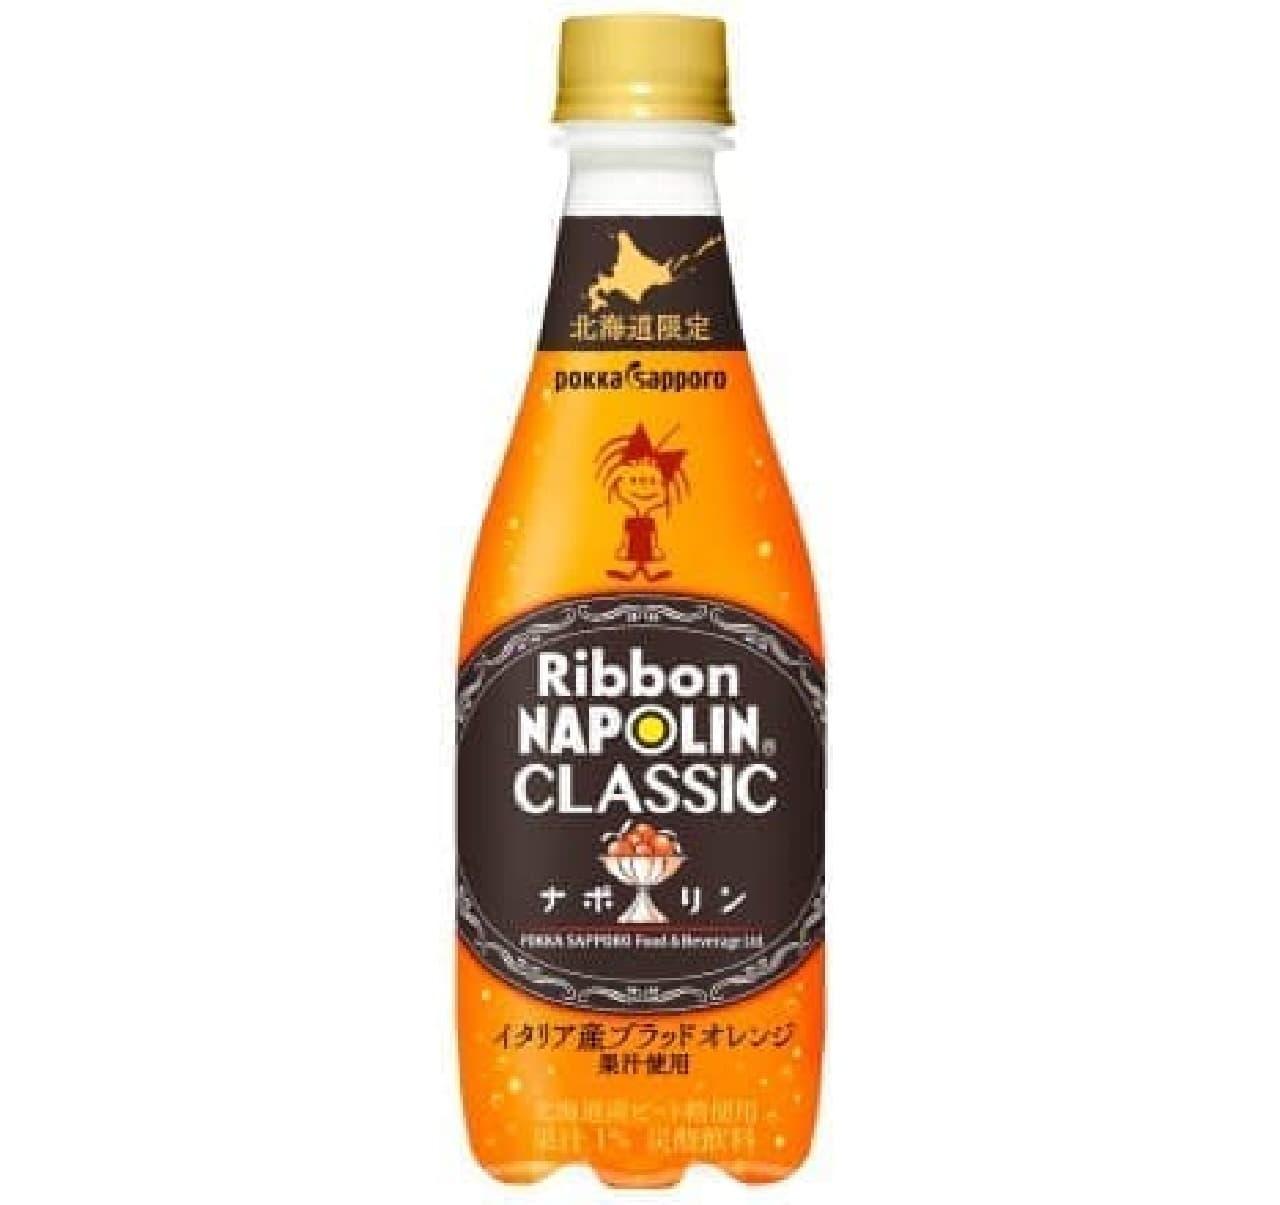 北海道限定「Ribbonナポリンクラシック」